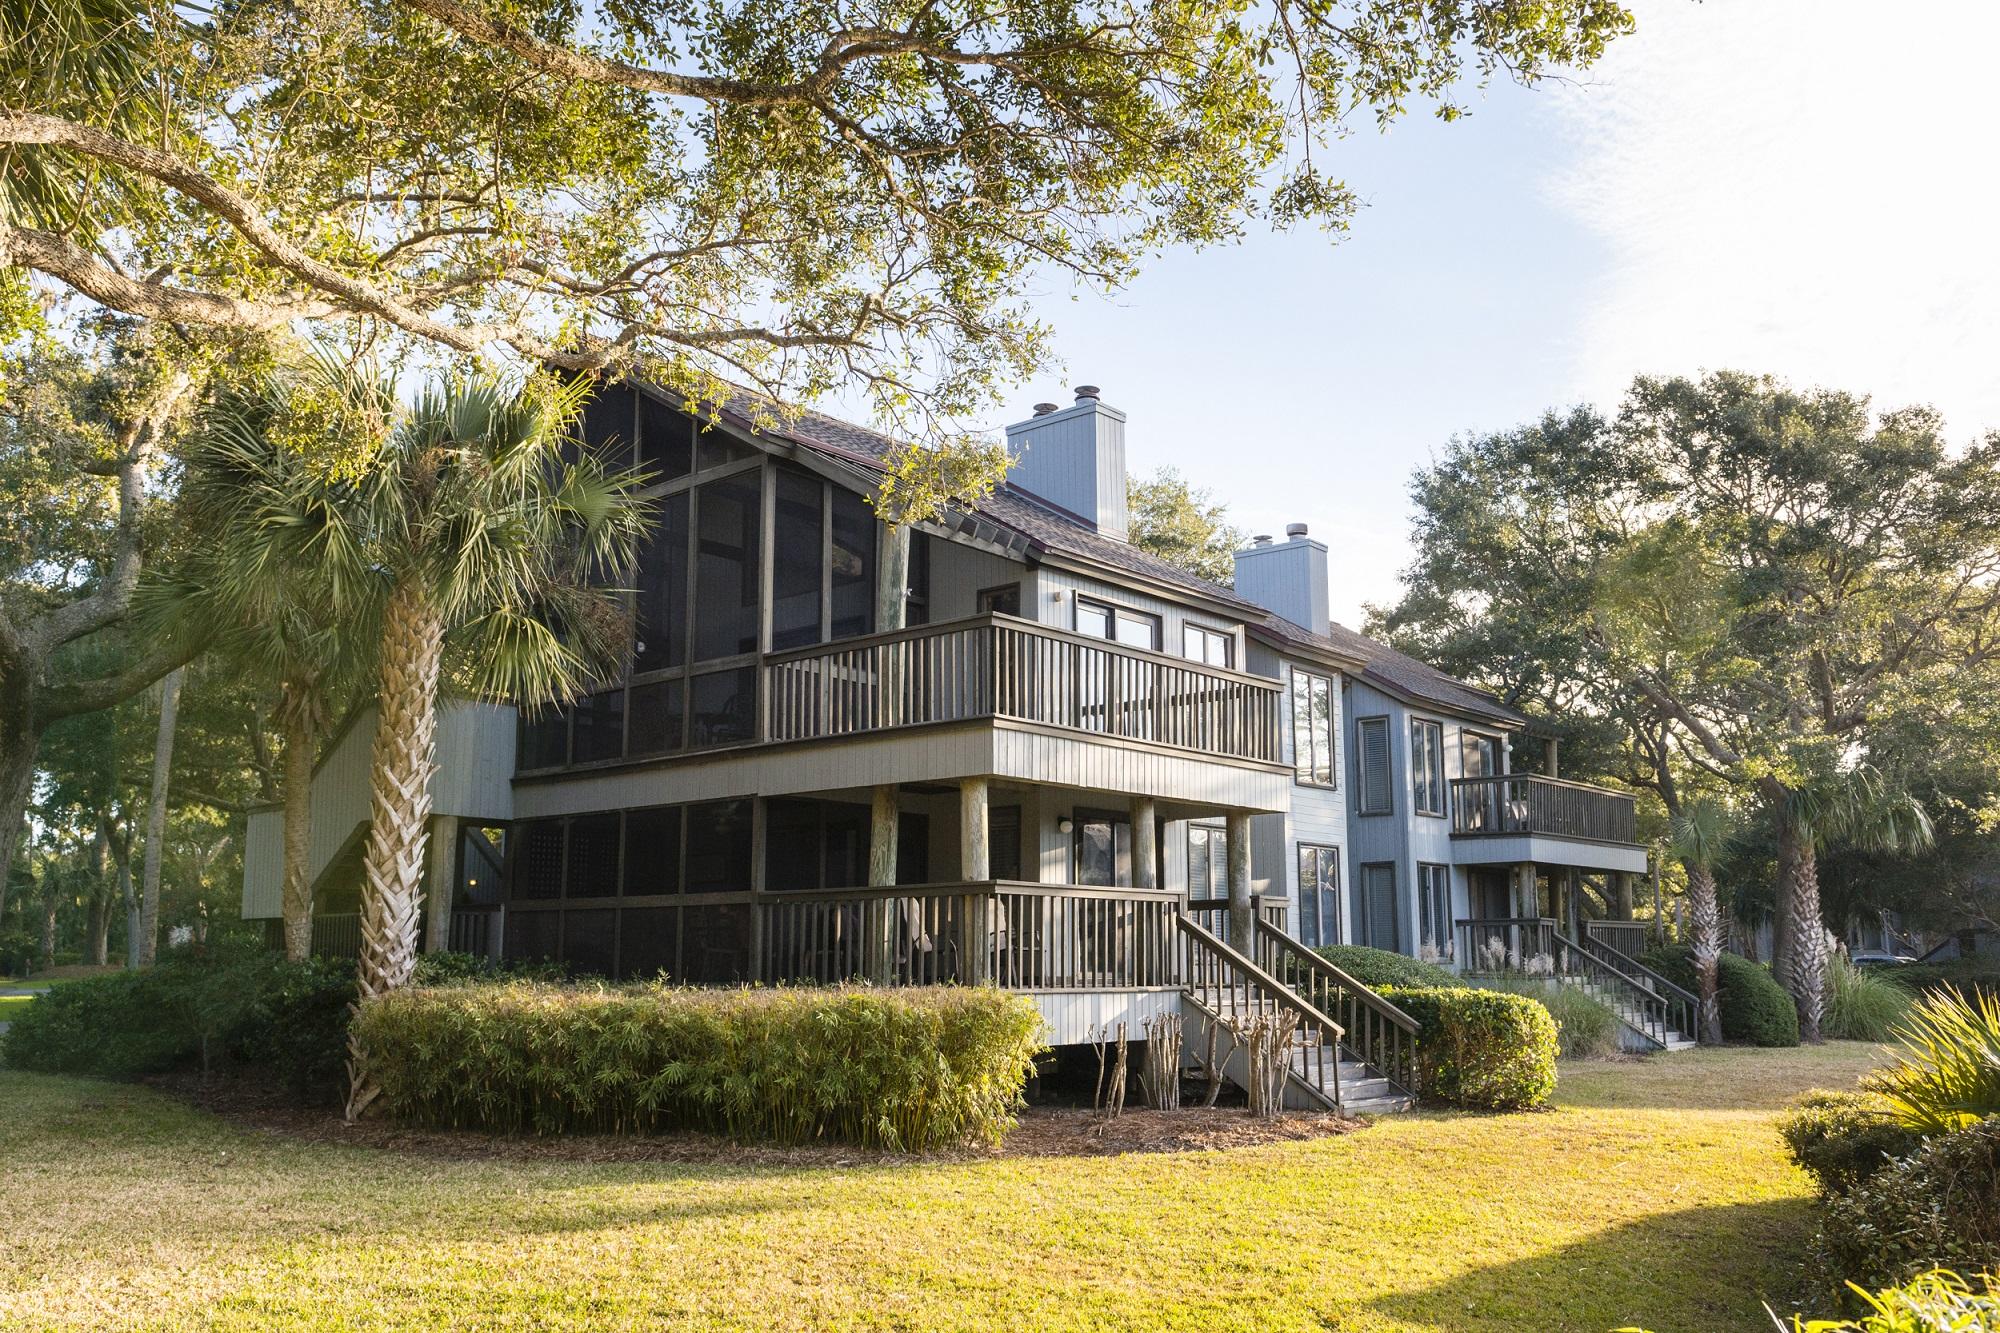 Parkside villas kiawah island real estate for 7233 parkside villas drive